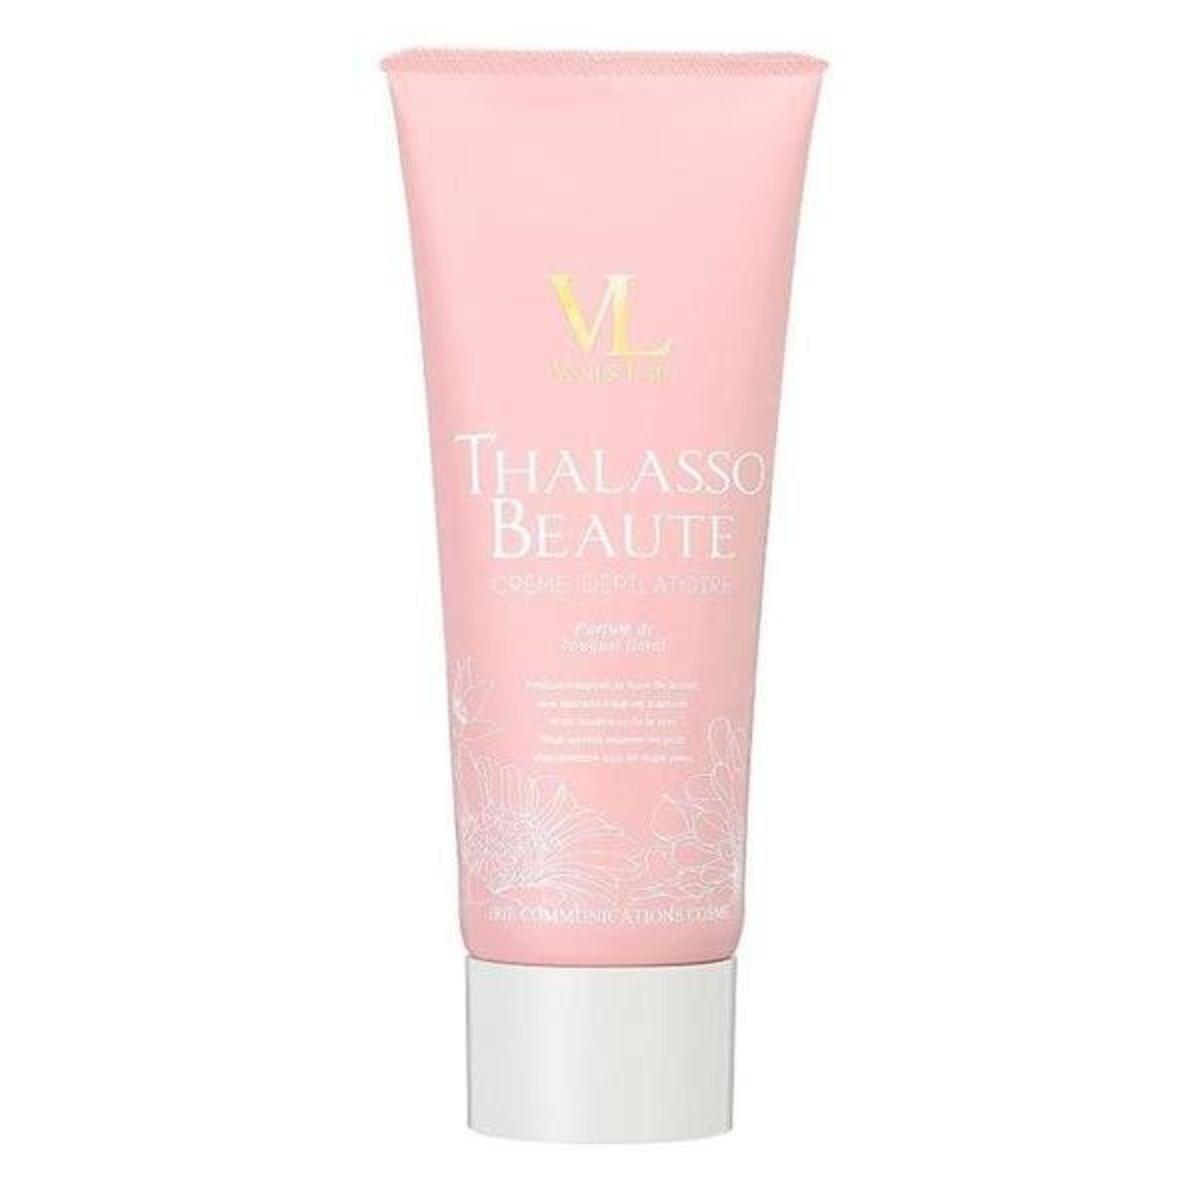 日本 Venus Lab Thalasso Beaute Cream Floral Bouquet 櫻花美肌脫毛膏 200g 粉紅